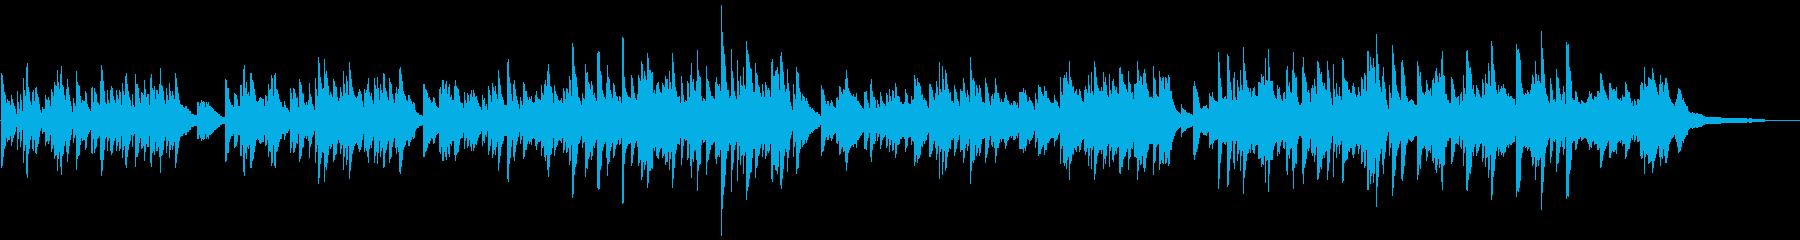 明るく爽やかな 軽快なピアノソロの再生済みの波形